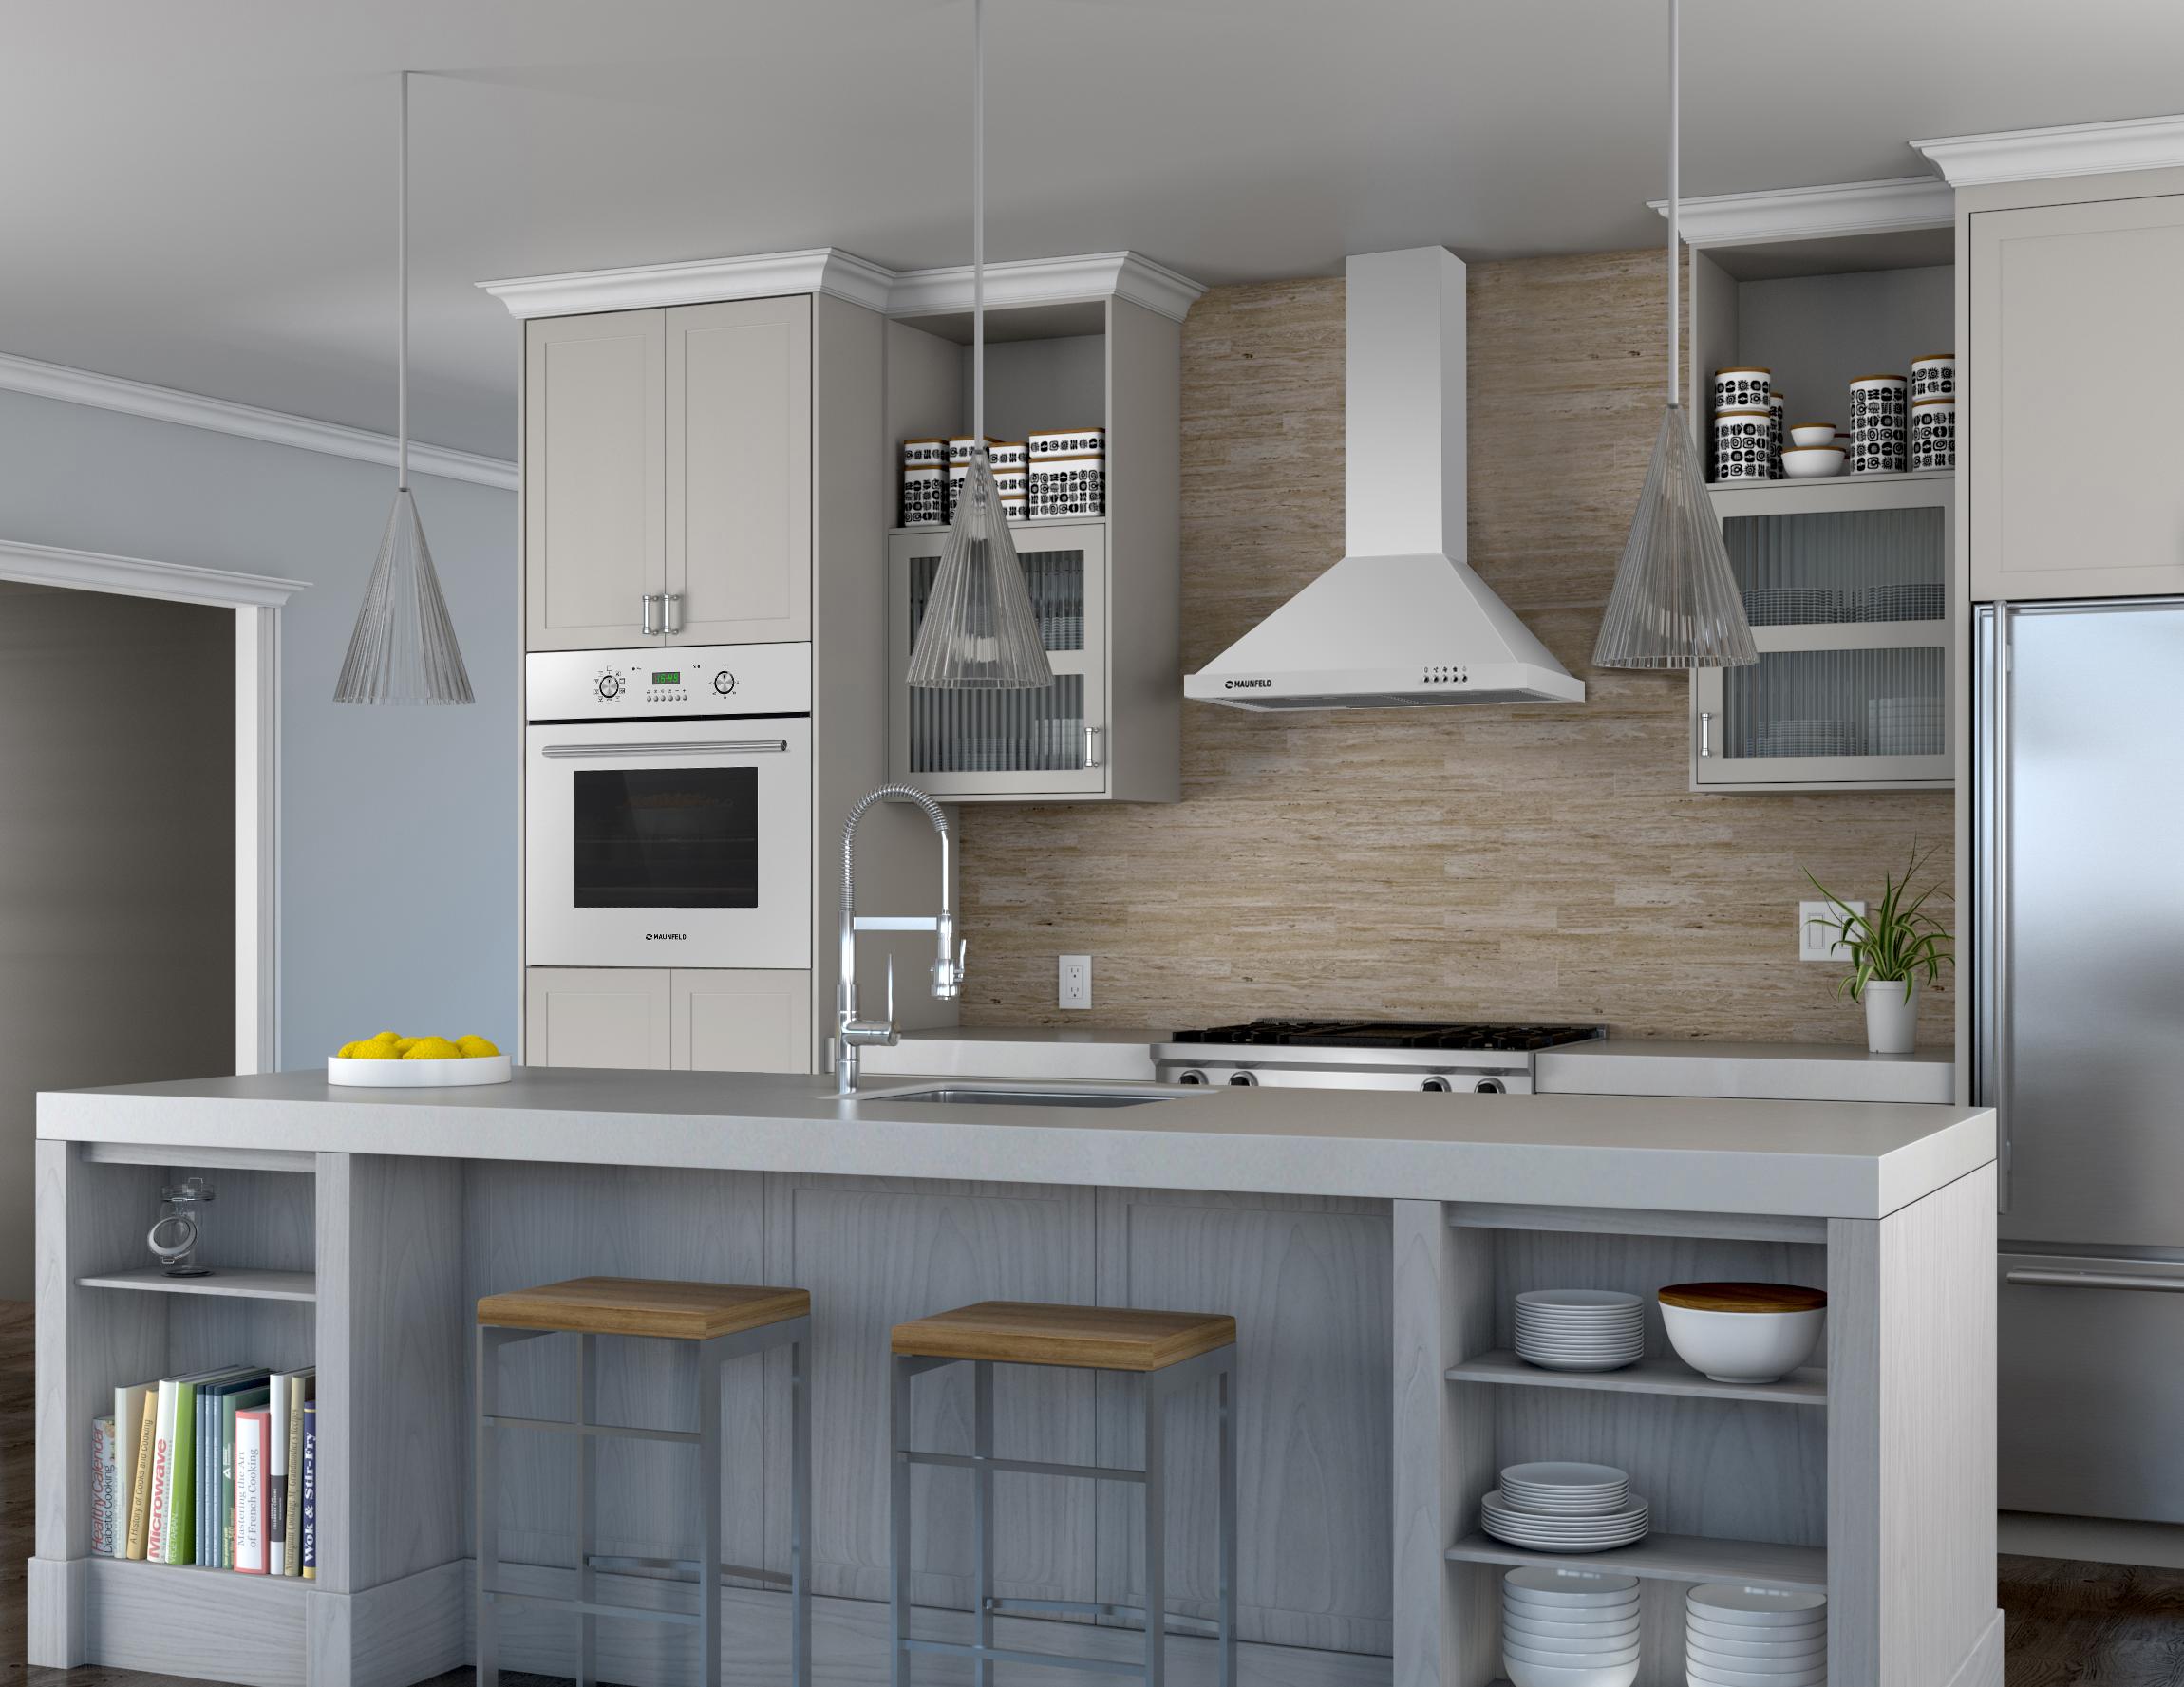 Вытяжка для кухни в интерьере фото